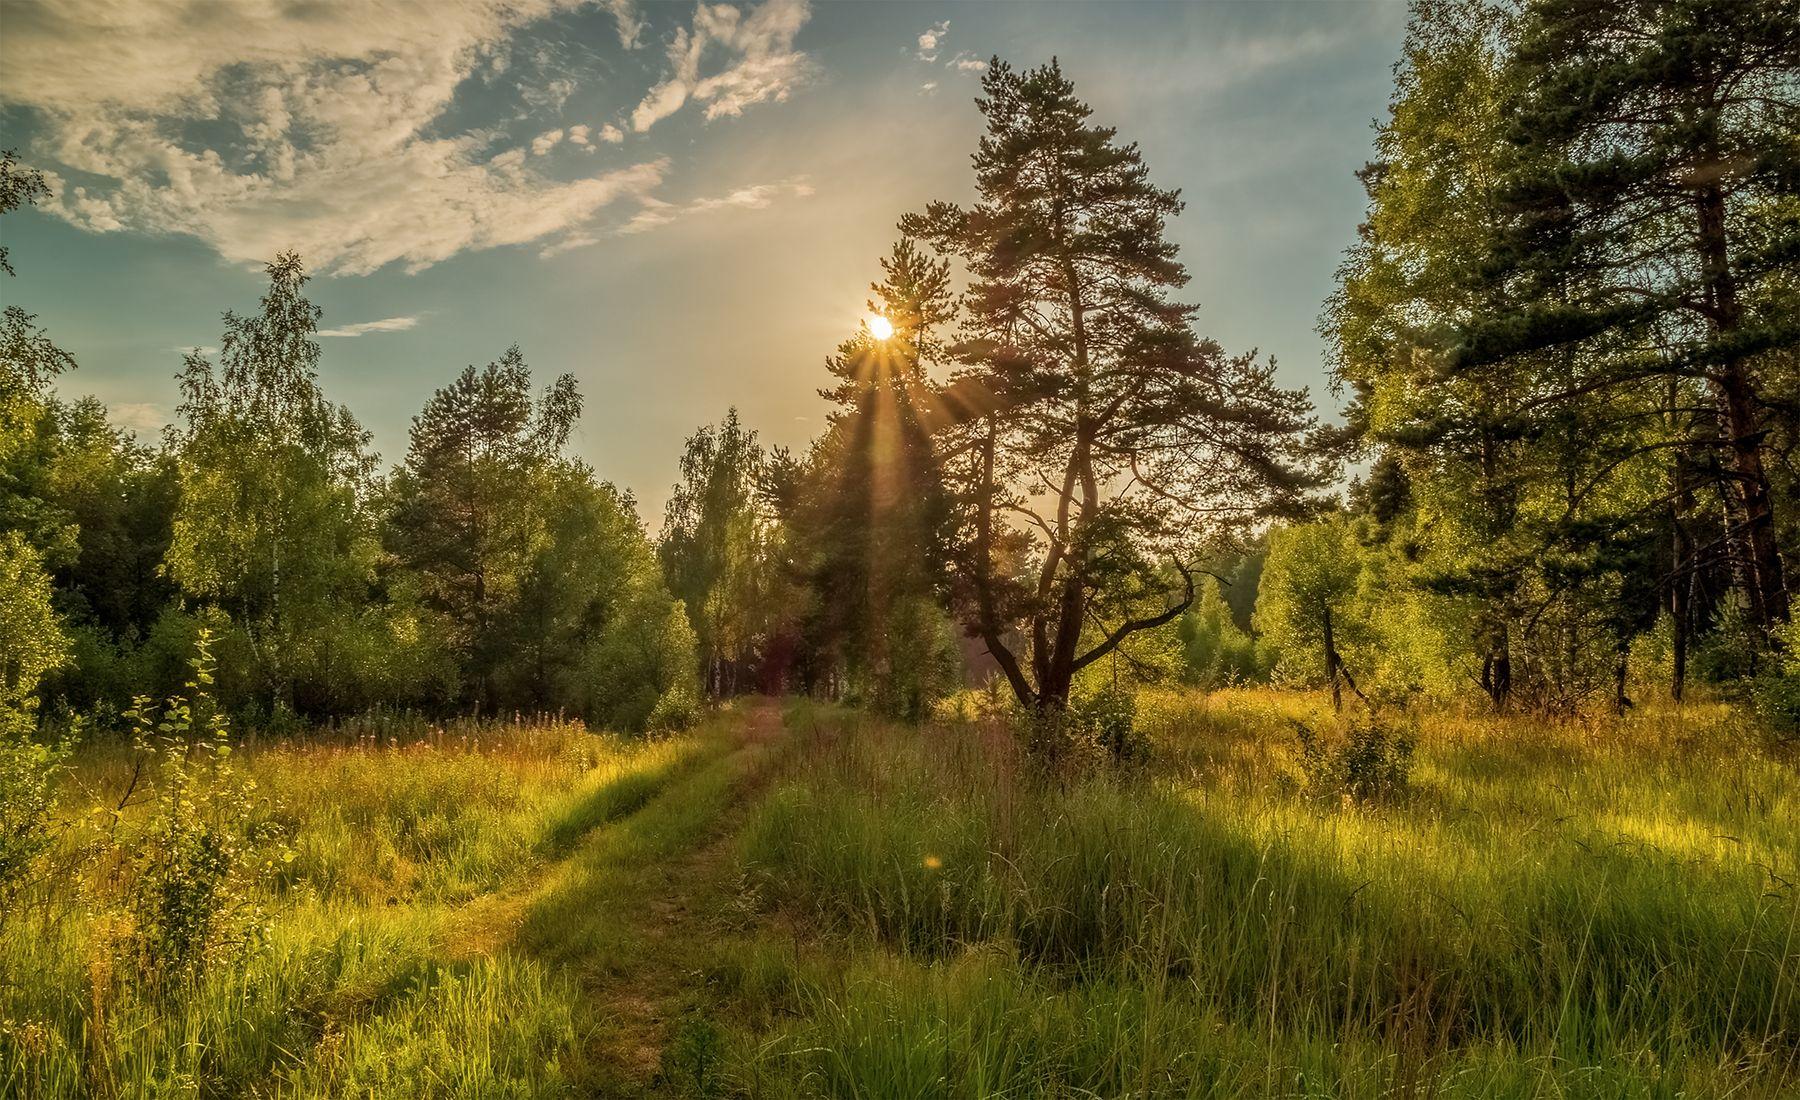 На закате дня в лесу # 02